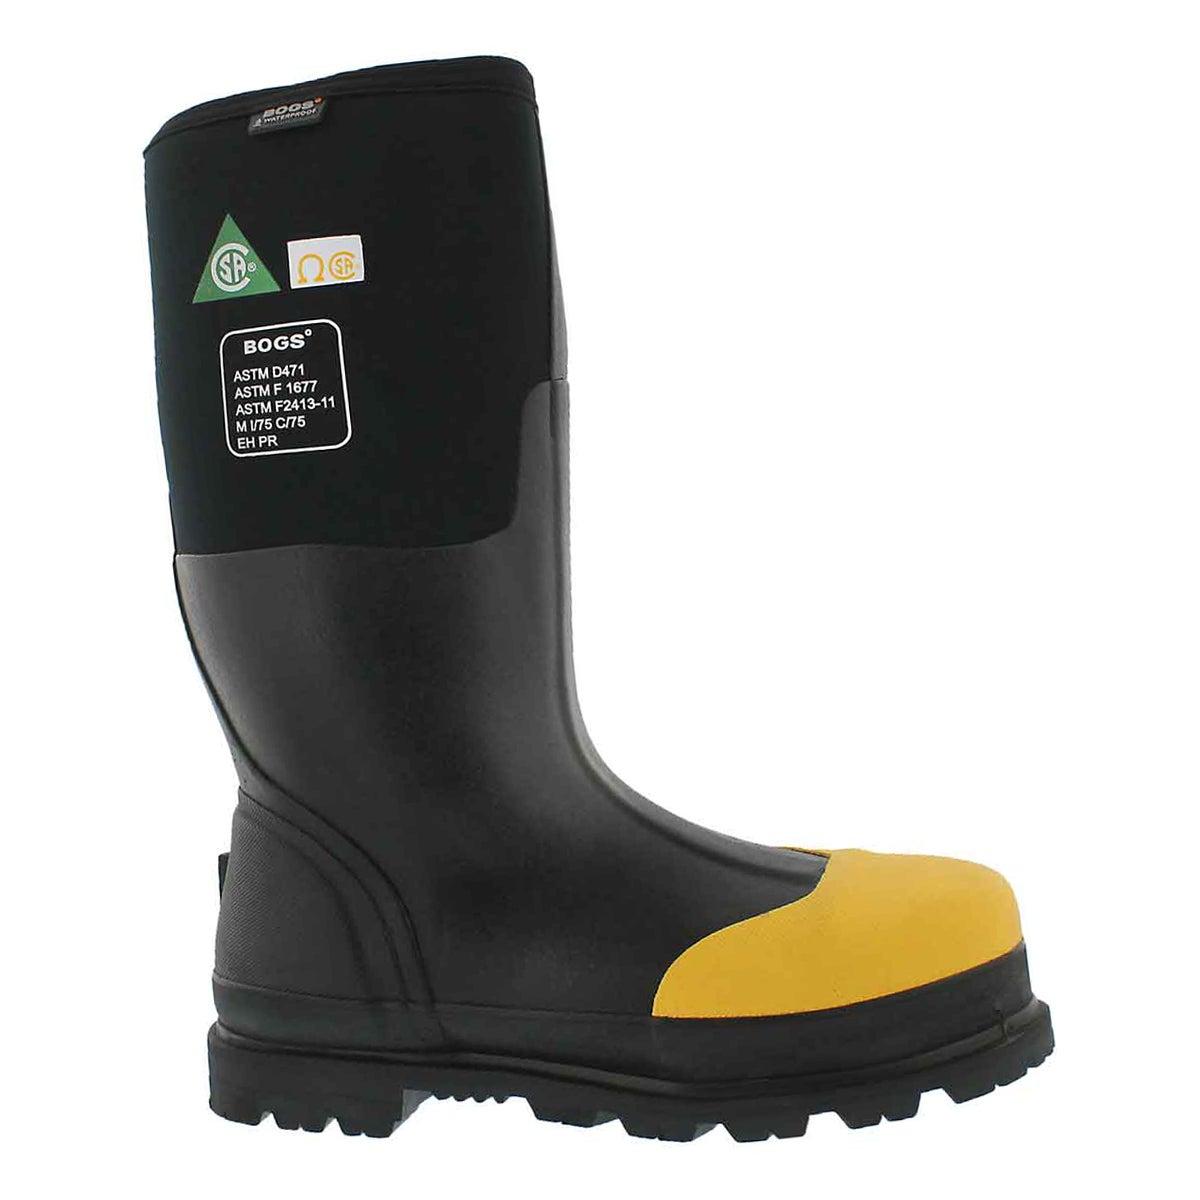 Men's RANCHER ST CSA blk waterproof boots